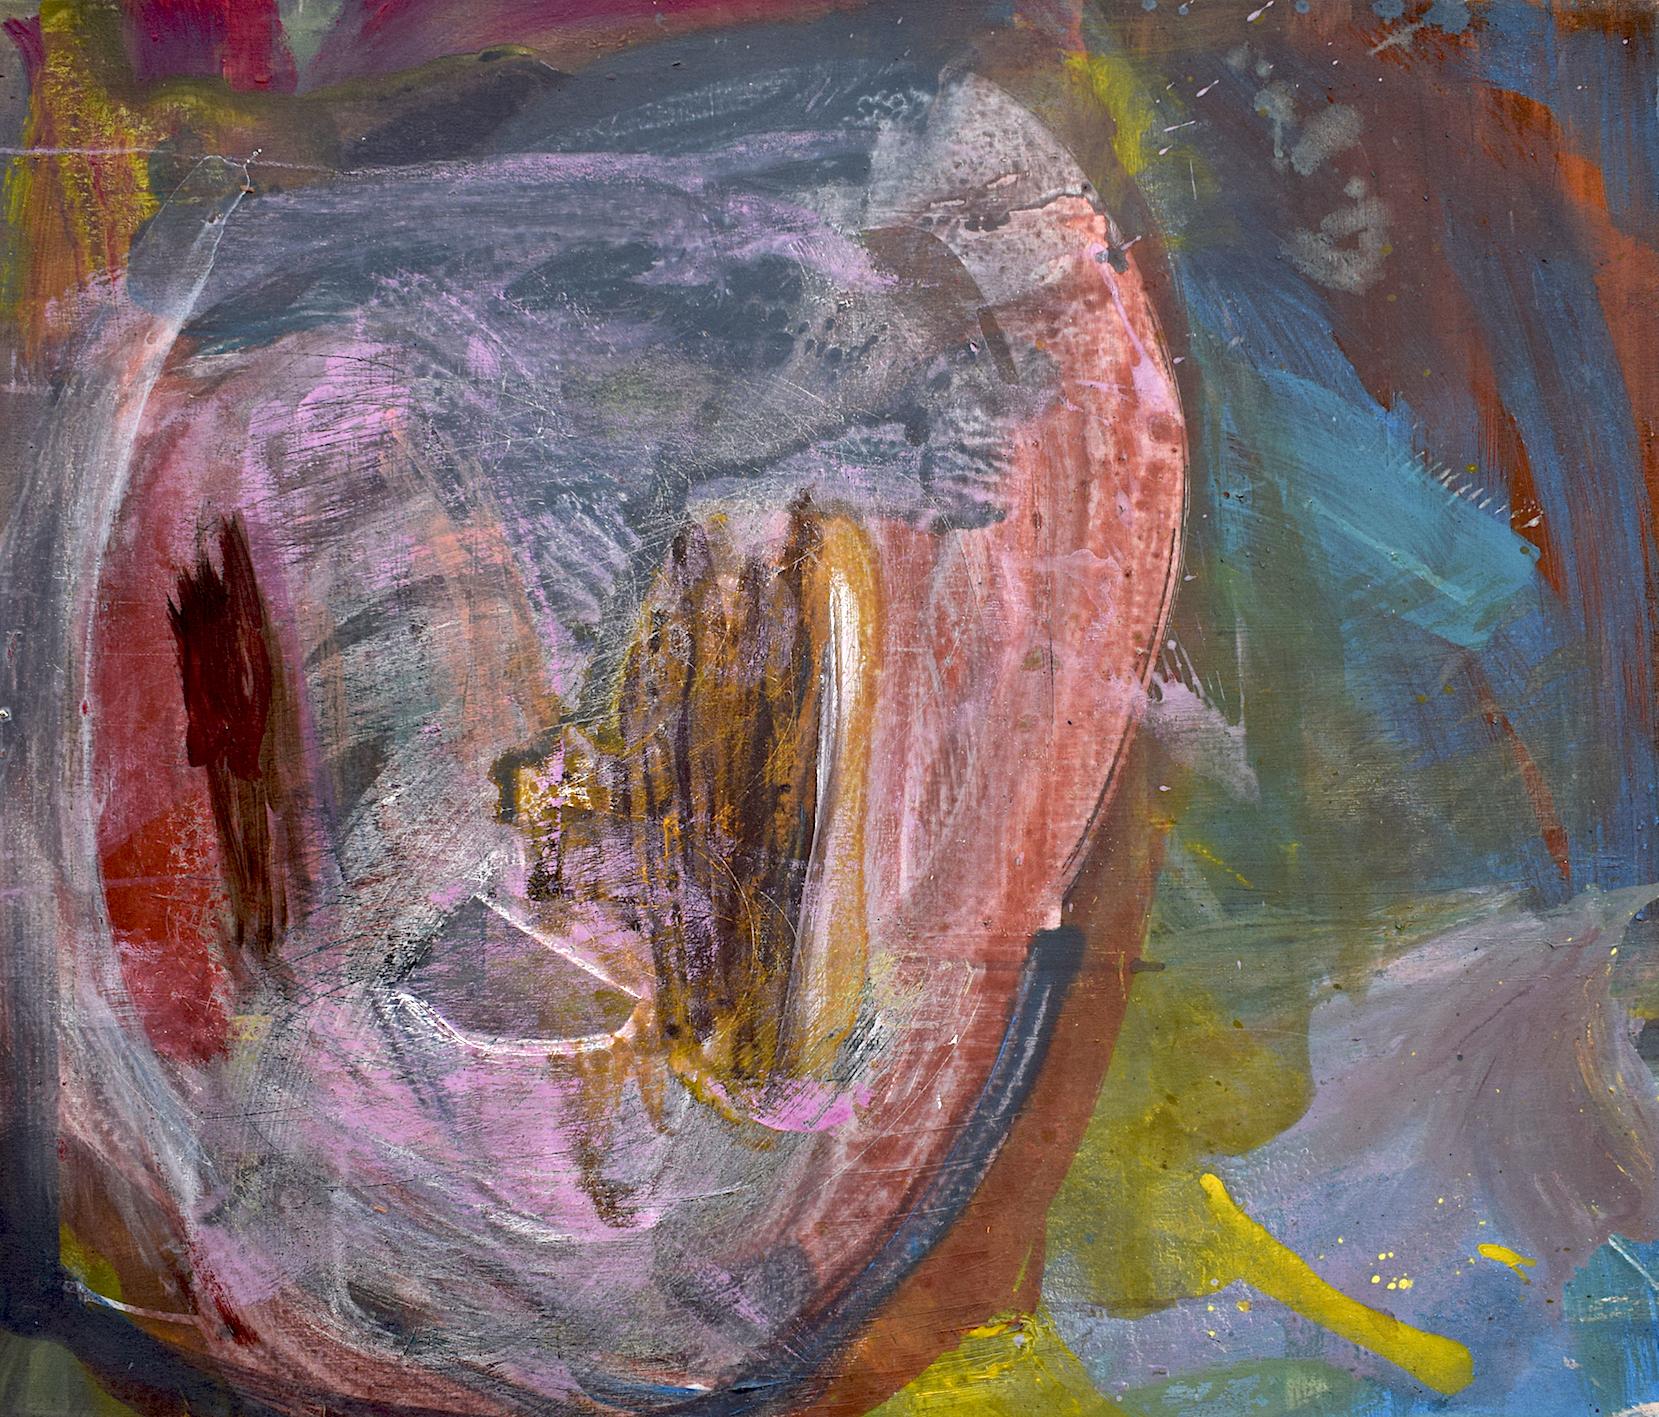 Silke Kästner  Untitled 2 , 2014, Acrylic on canvas, 60 x 70cm